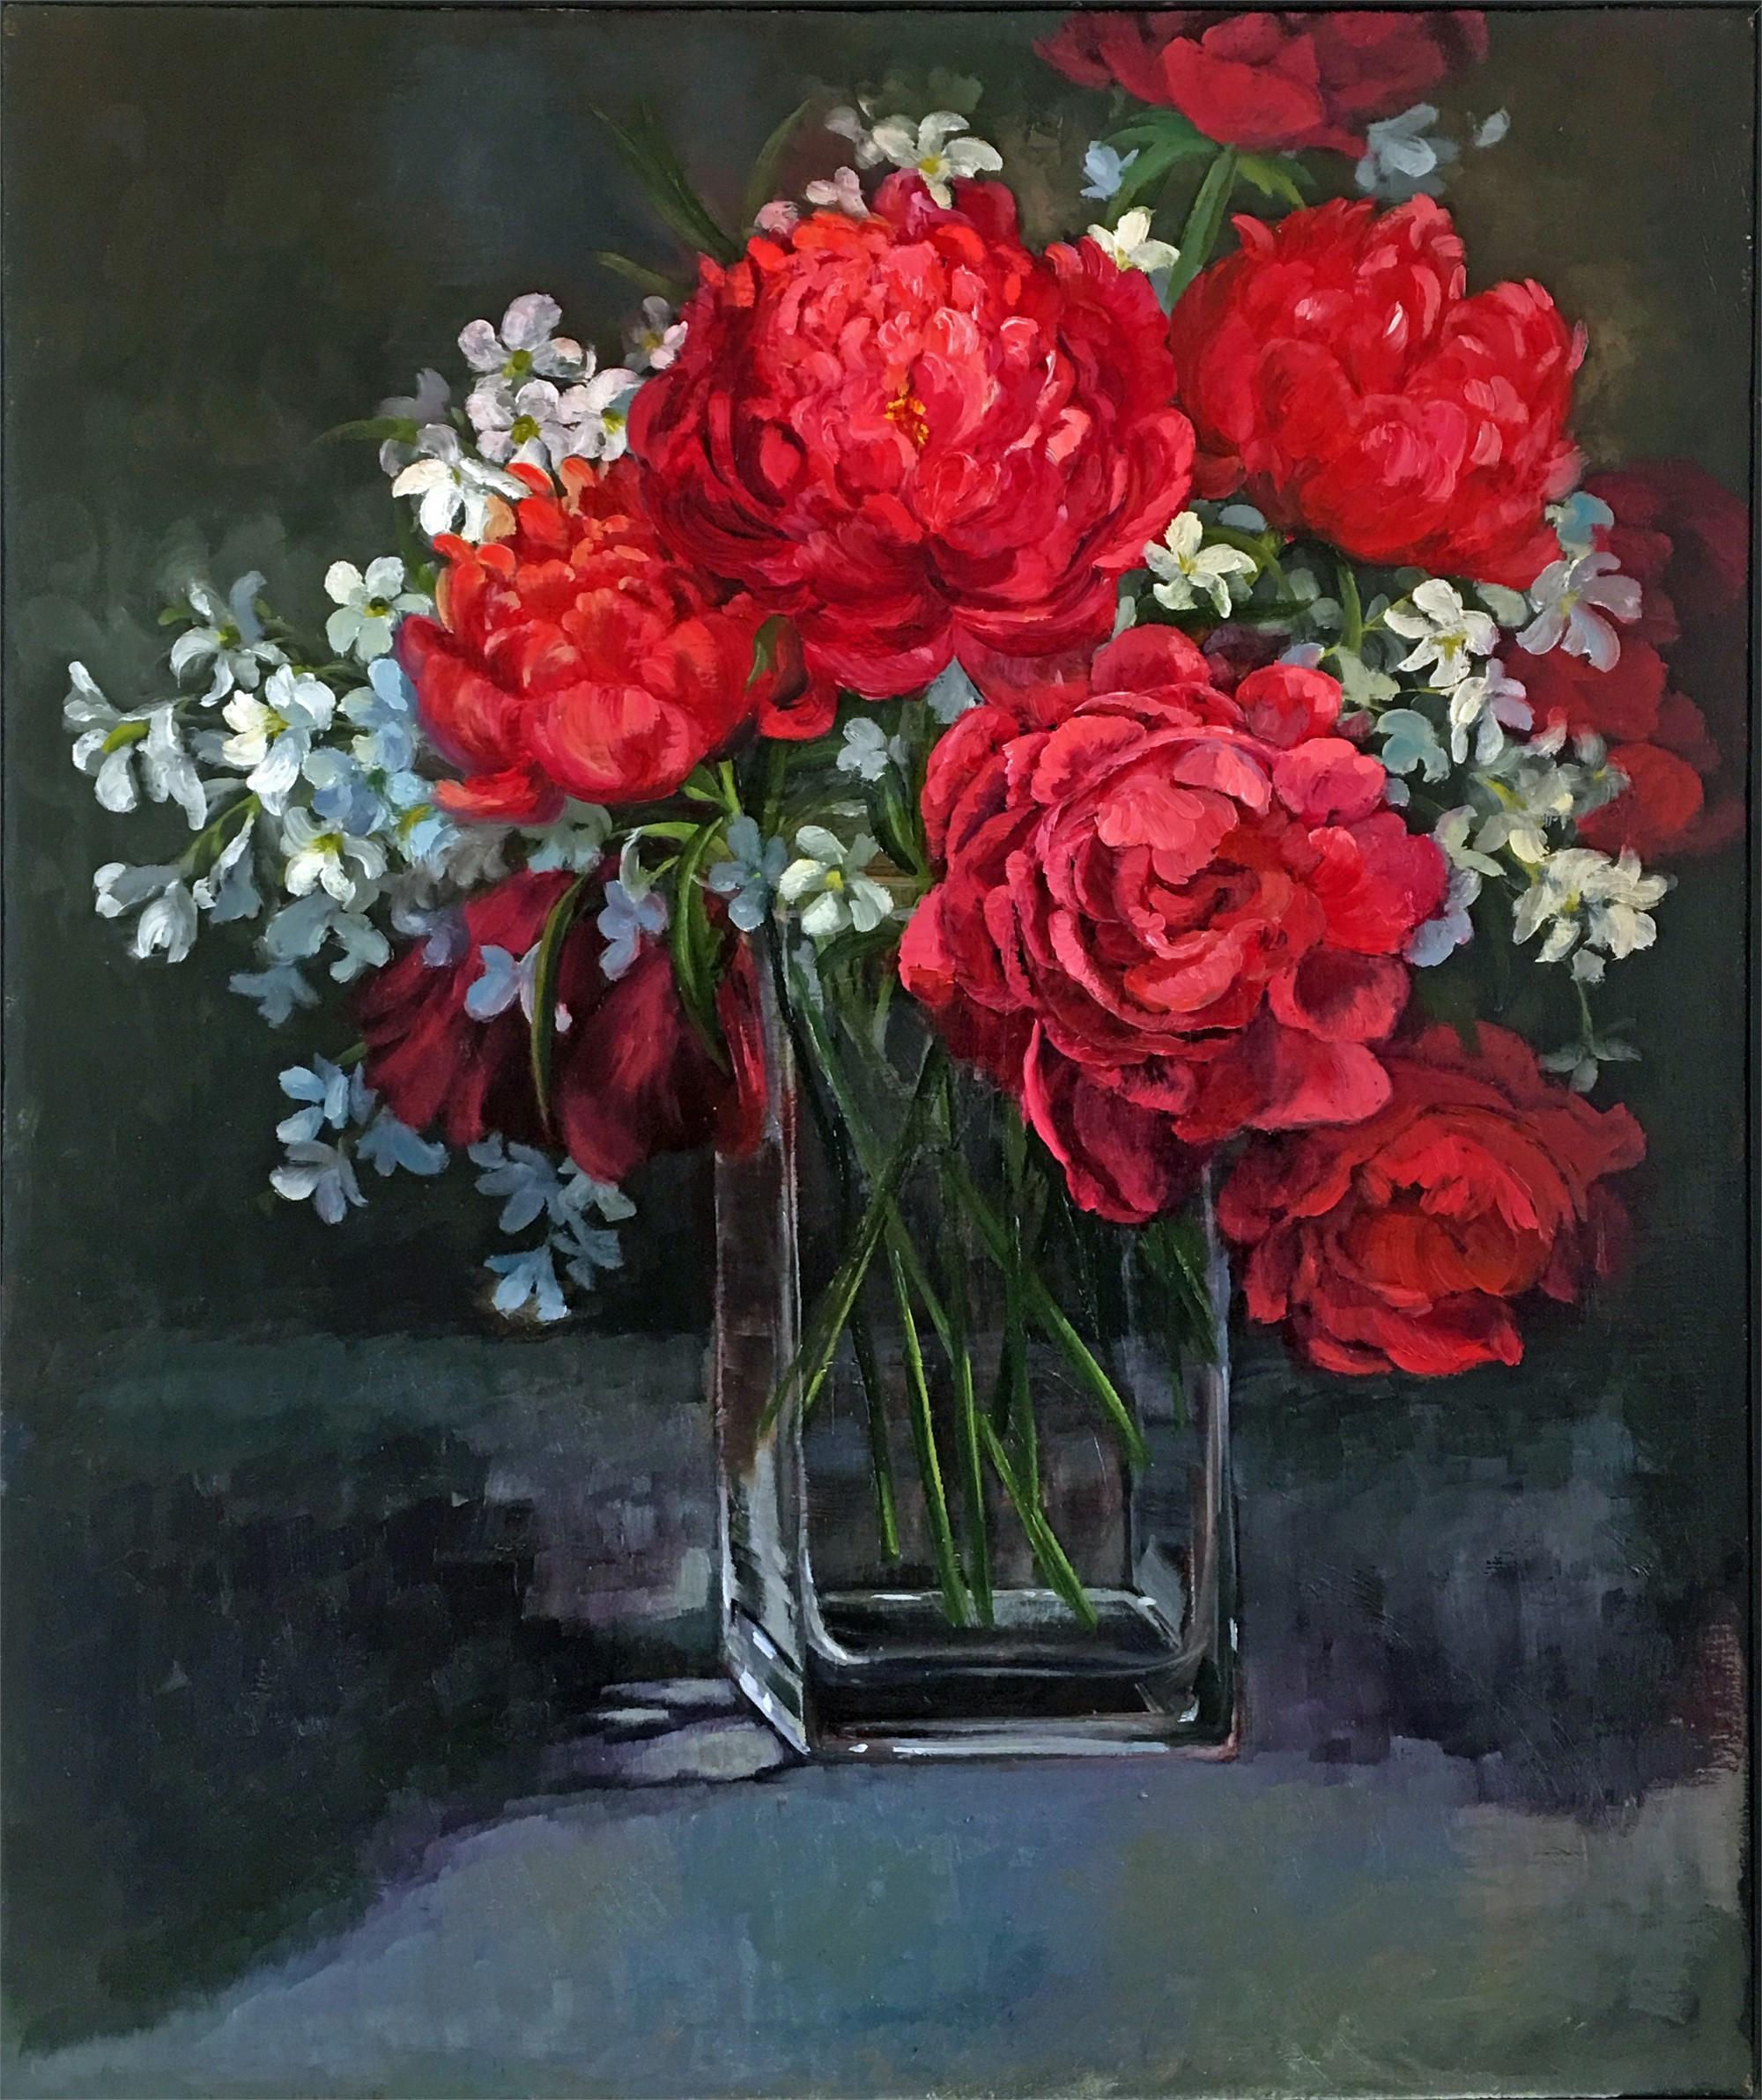 Red Peonies by Nancy Paris Pruden